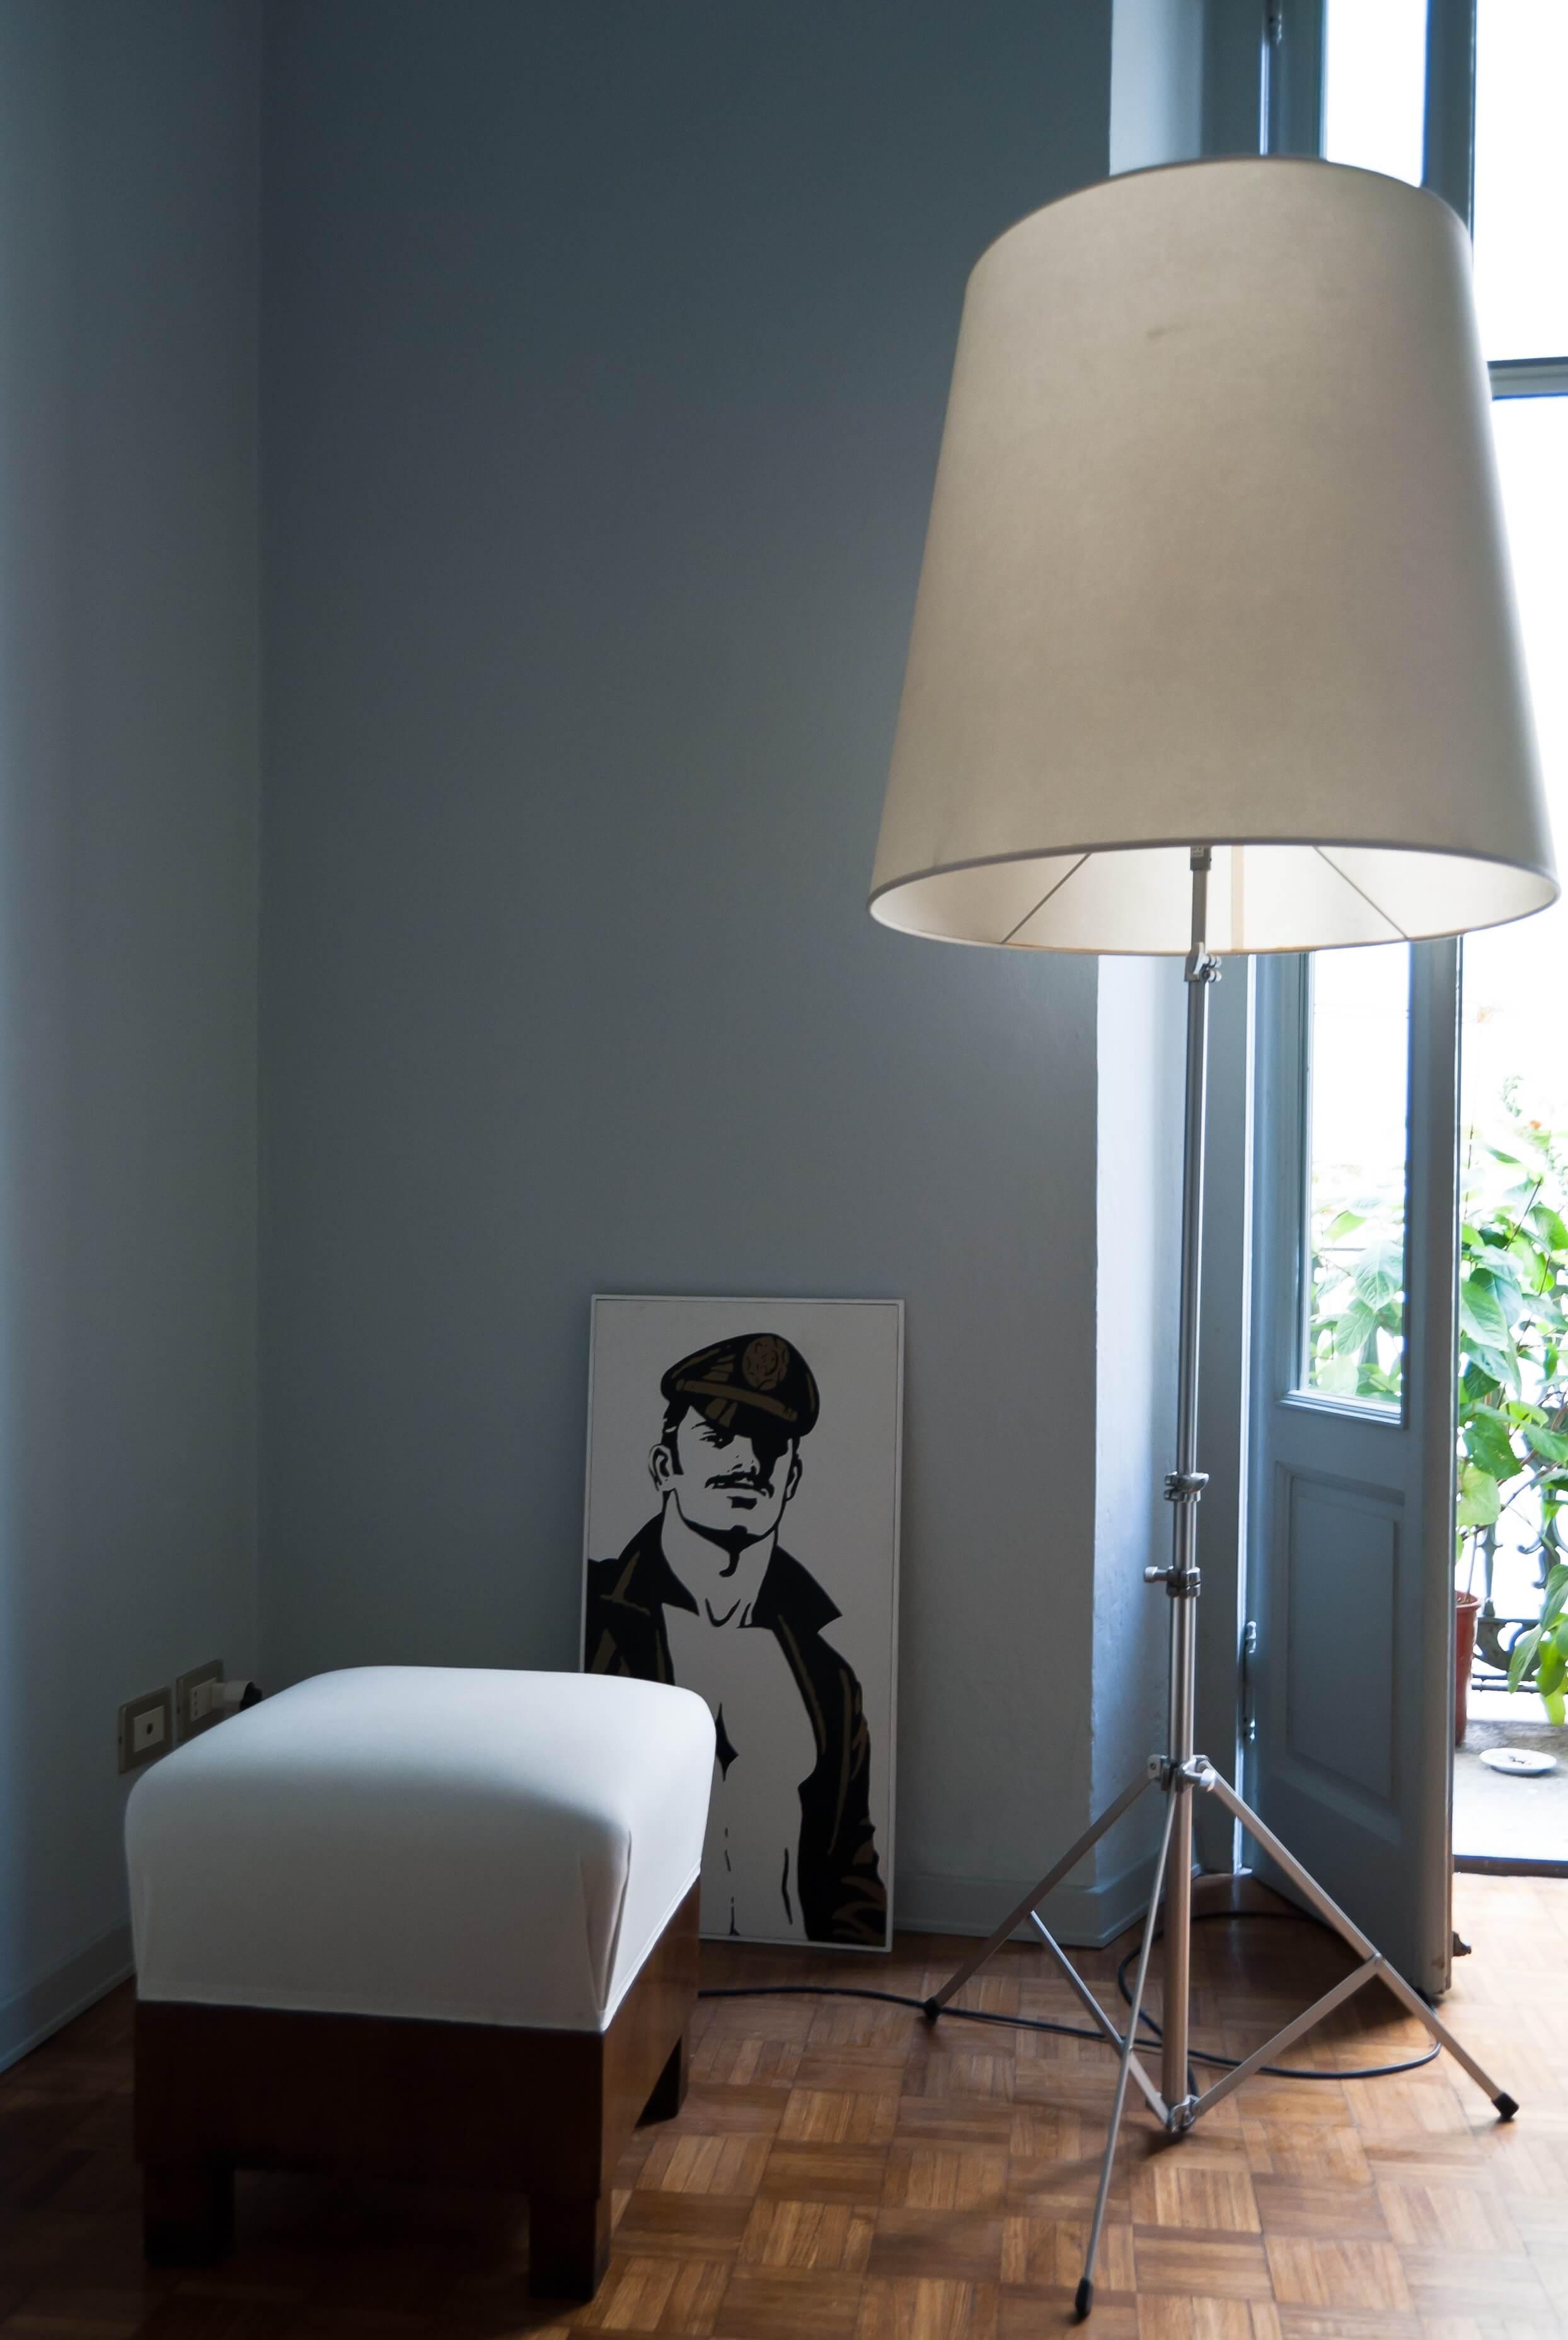 Alles over verlichting voor in huis advies inspiratie wiki wonen - Huis lamp wereld nachtkastje ...